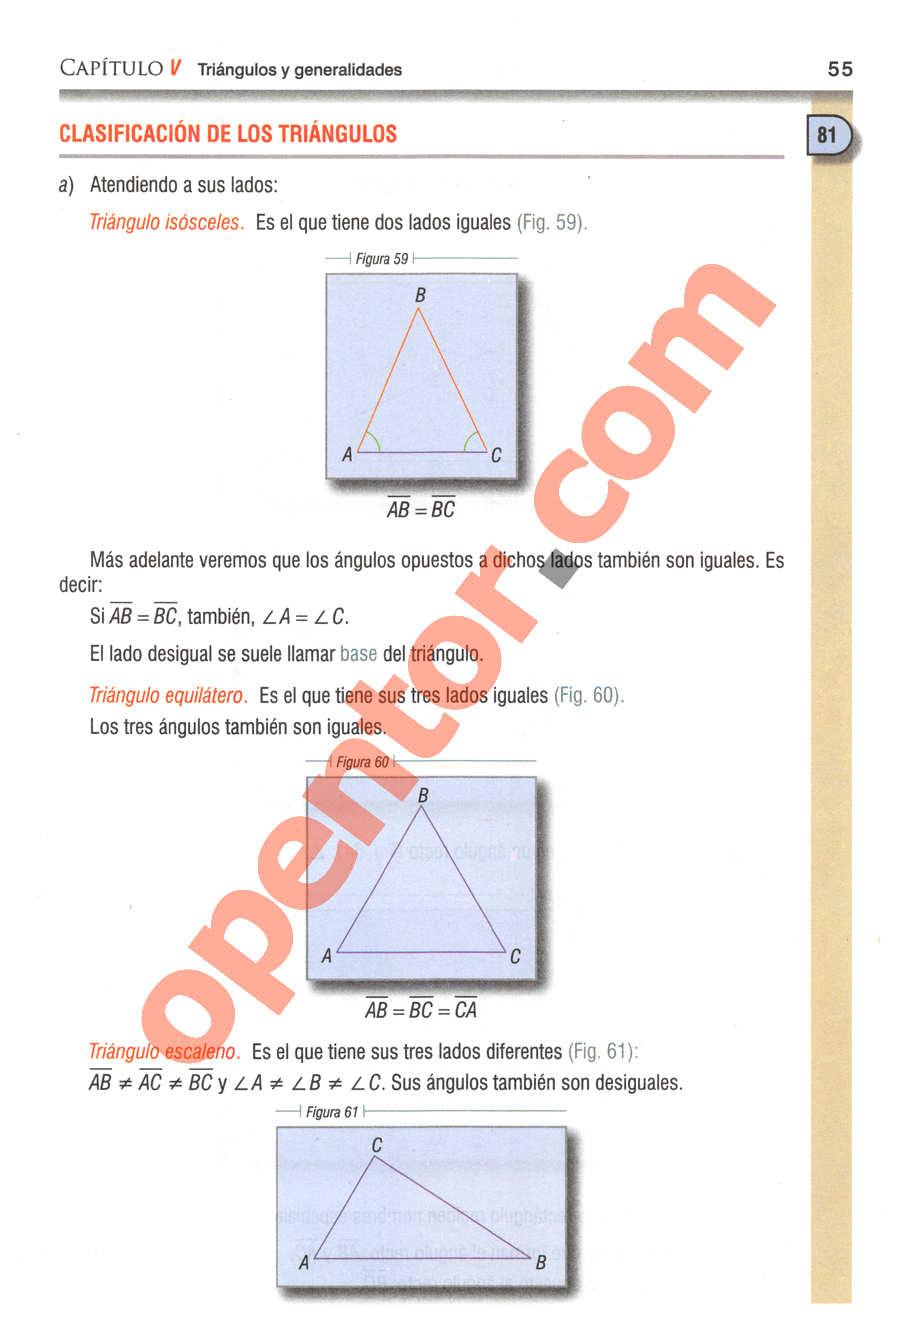 Geometría y Trigonometría de Baldor - Página 55